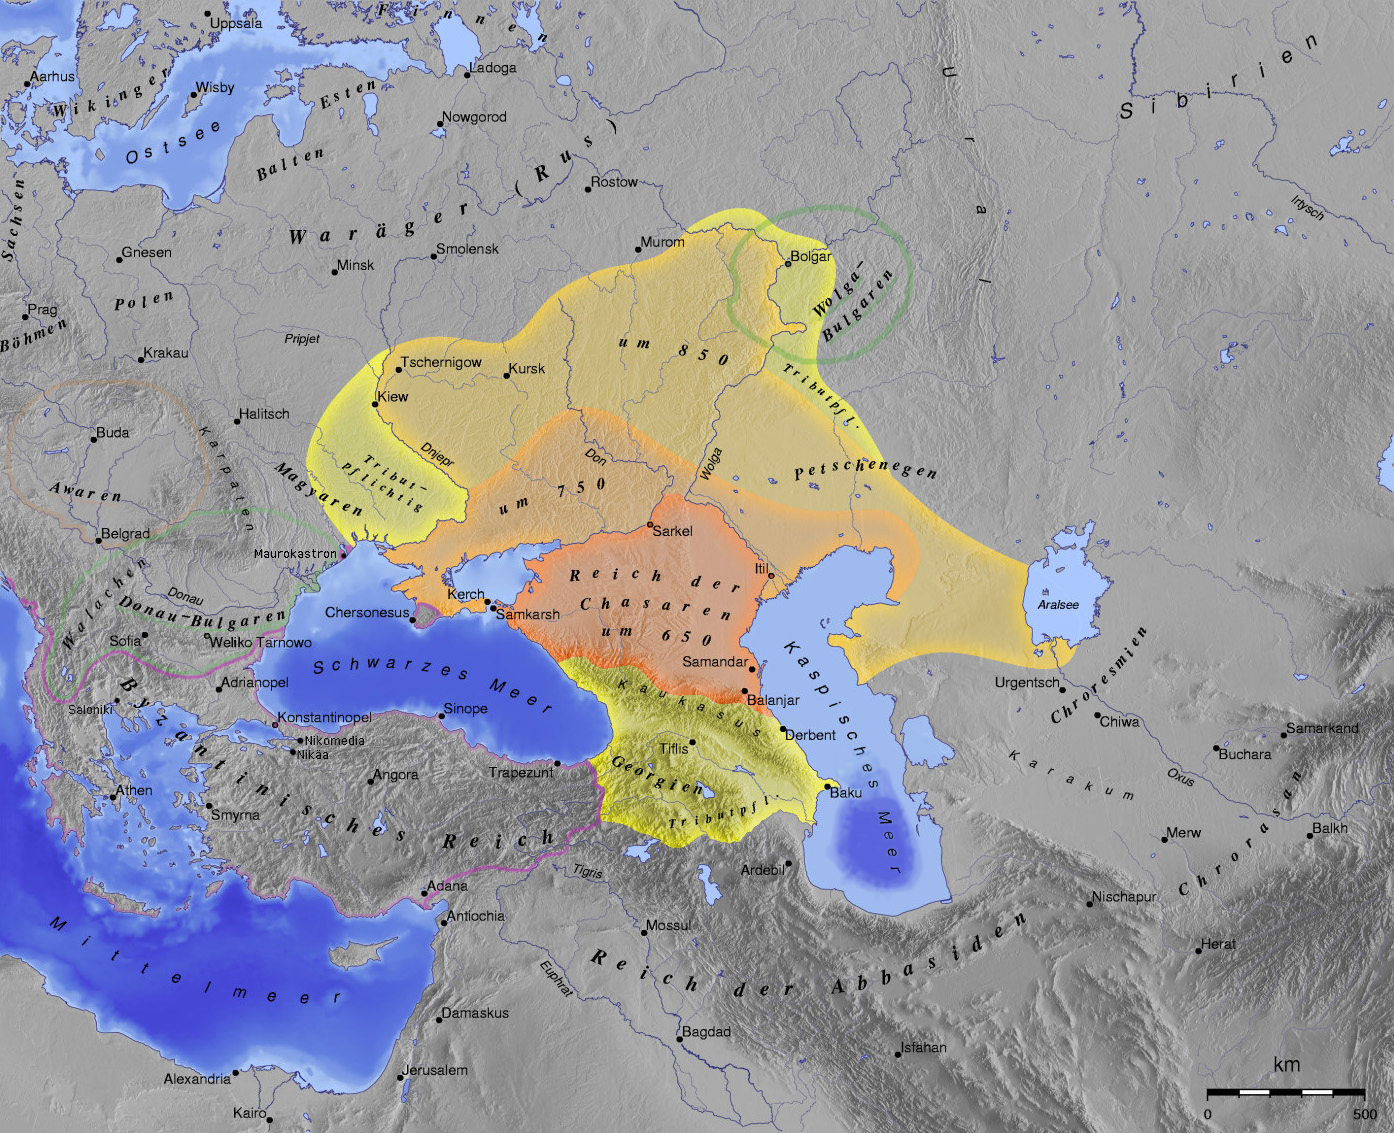 German Map of the Khazar Khaganate (650-850)